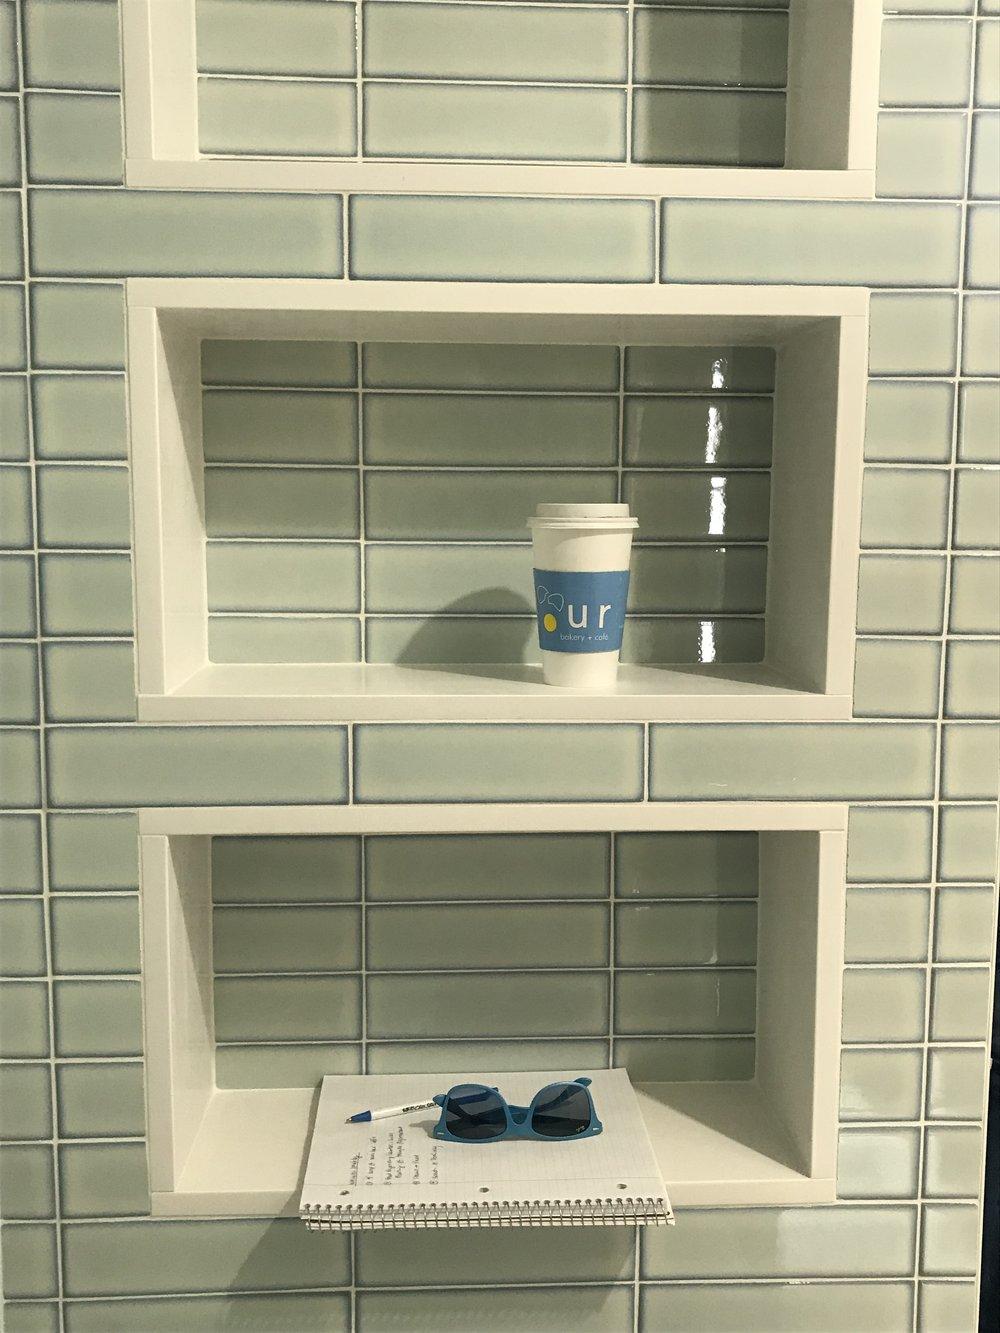 Sarah_Scales_Design_Studio_Bathroom_Design_Cambridge_1.JPG